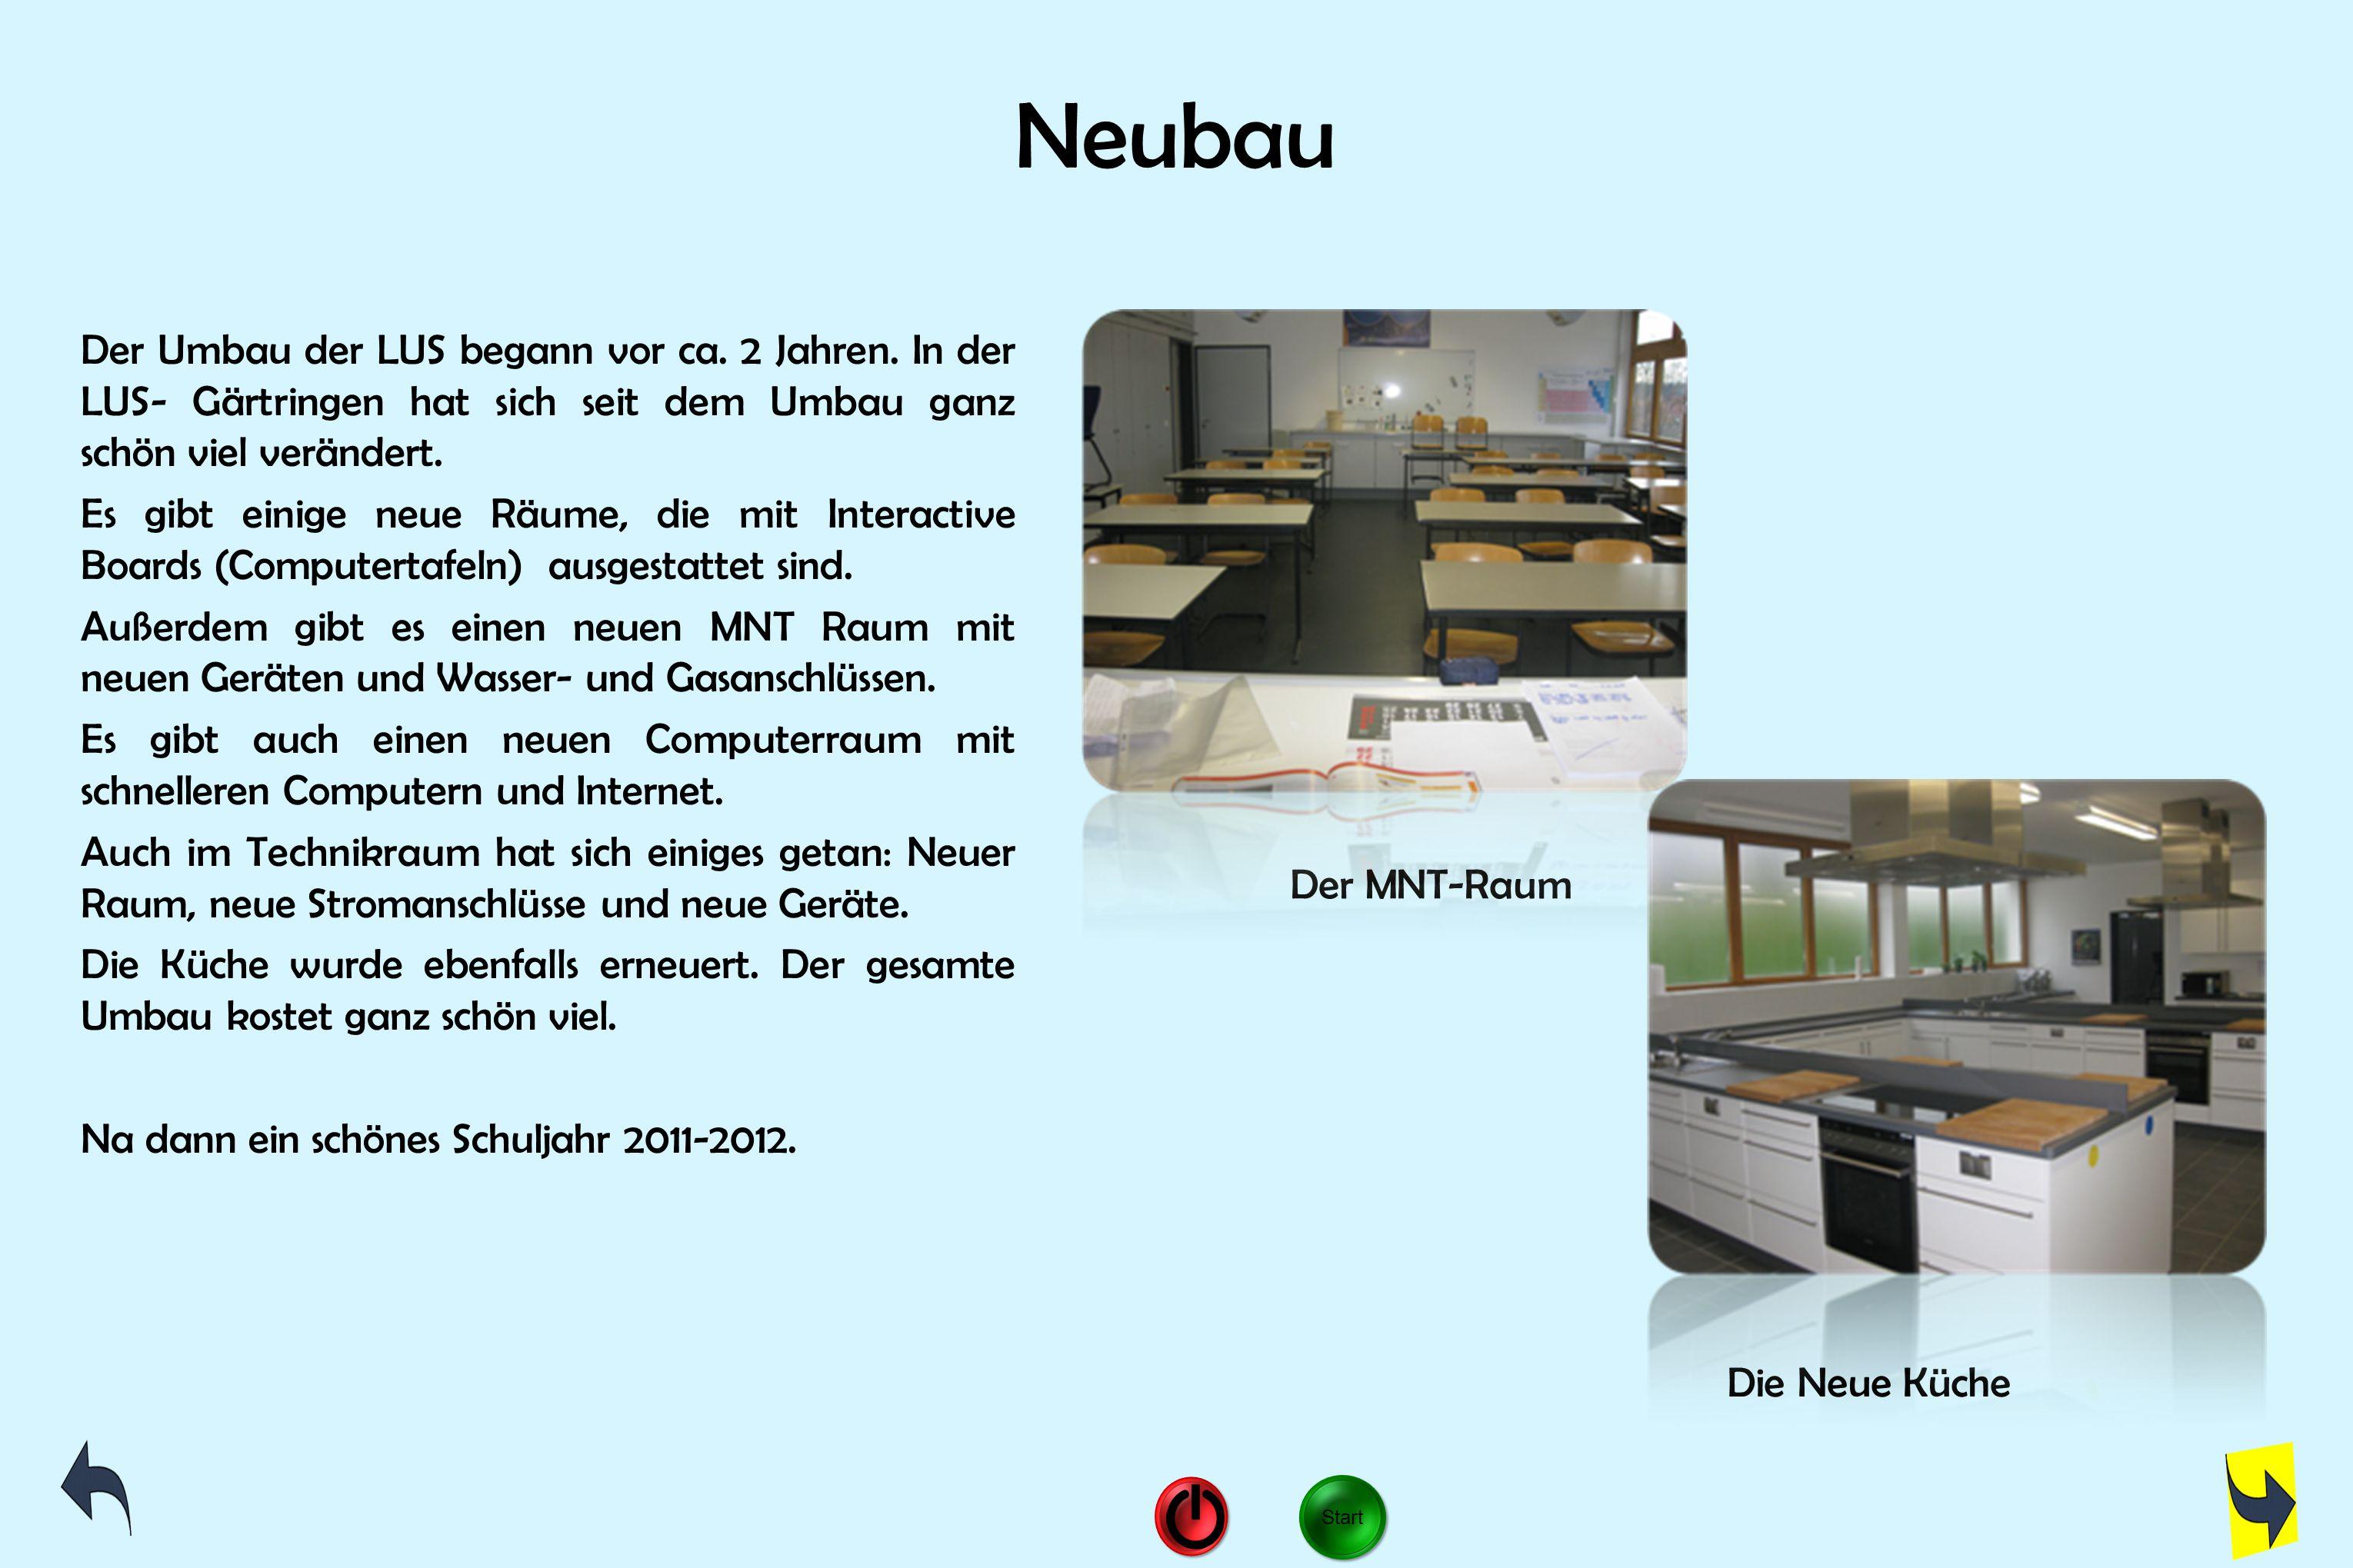 Neubau Der Umbau der LUS begann vor ca. 2 Jahren. In der LUS- Gärtringen hat sich seit dem Umbau ganz schön viel verändert. Es gibt einige neue Räume,